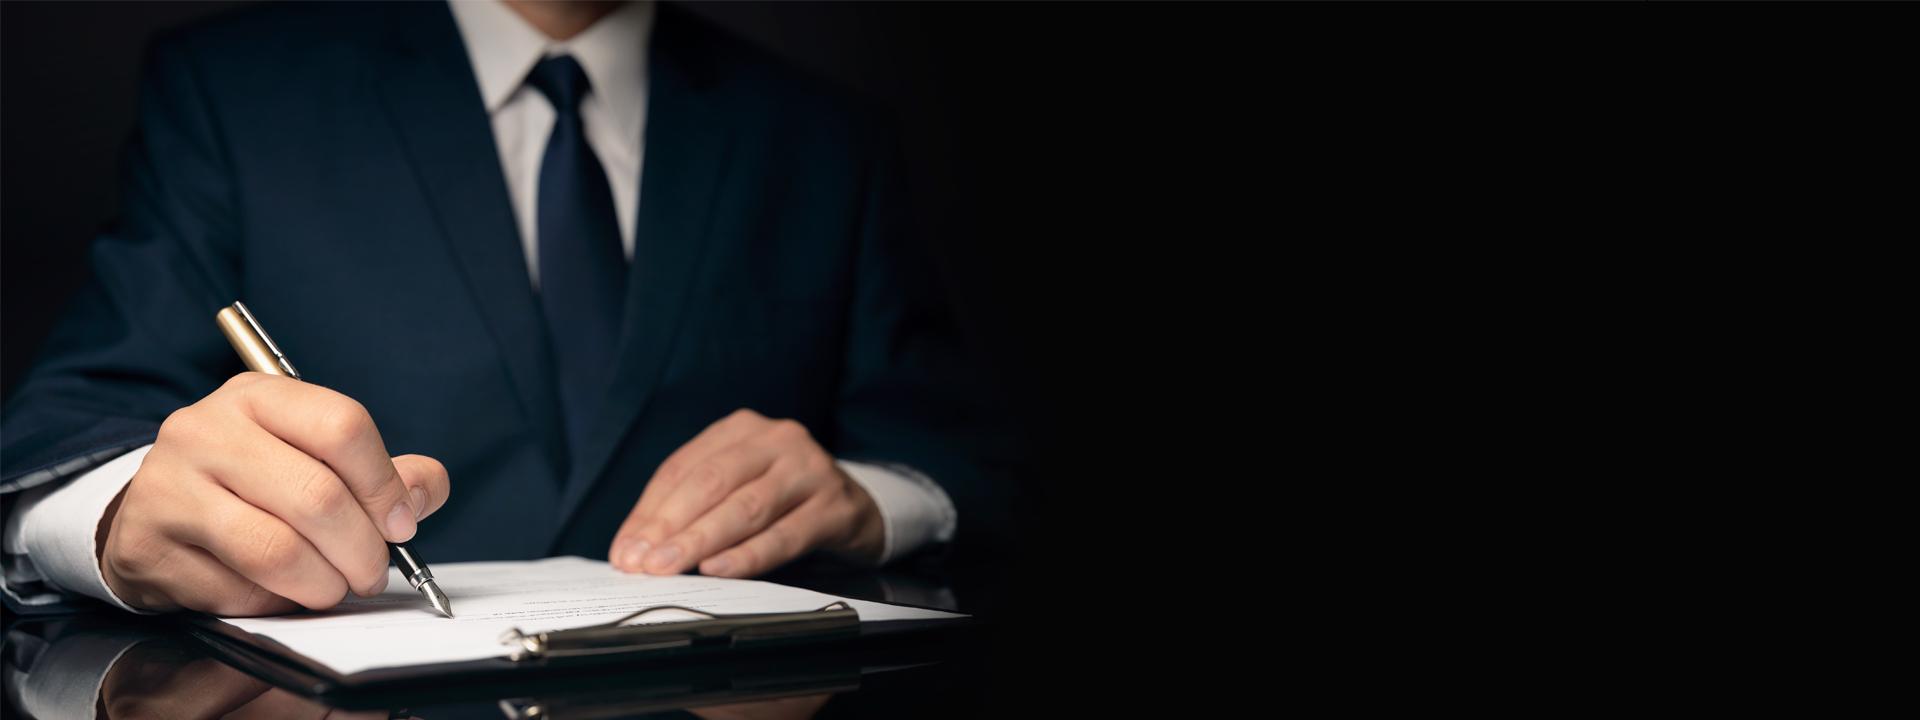 Despatx professional integrat per advocats